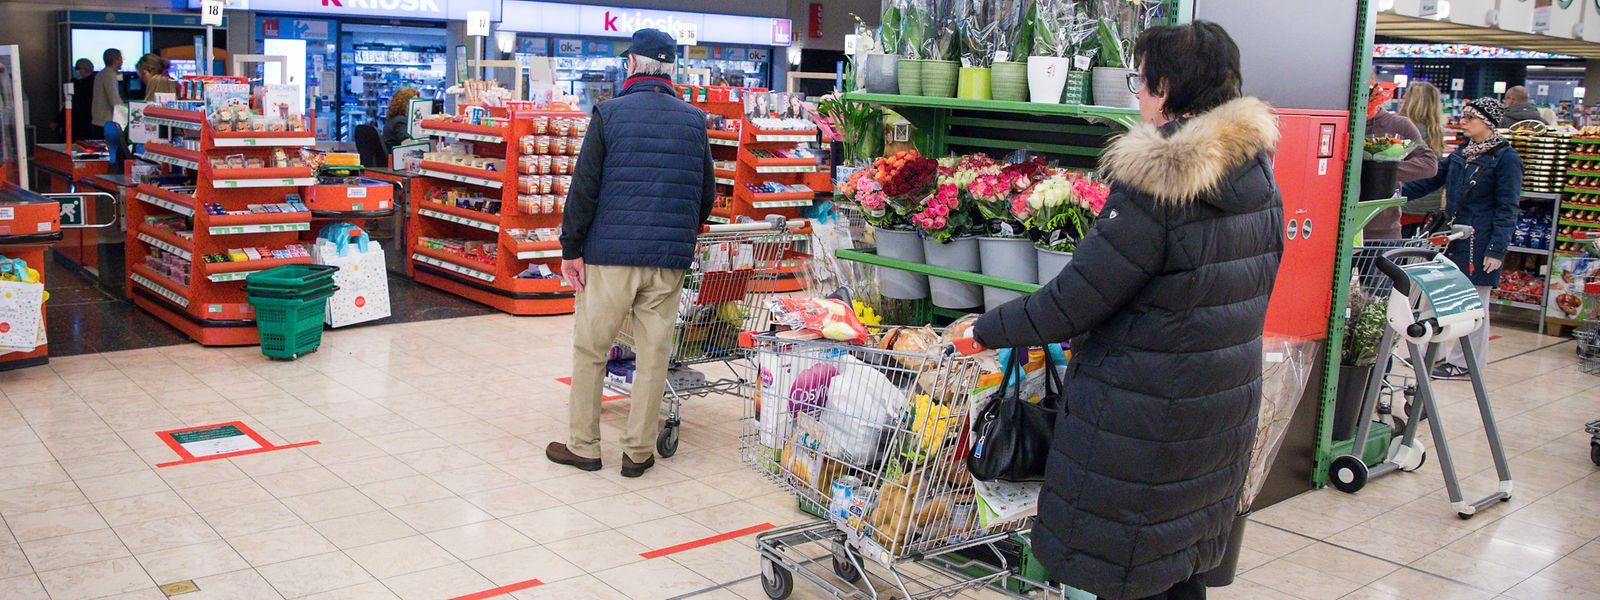 Les intentions d'achat des ménages ont fortement baissé en novembre, à quelques semaines des fêtes de fin d'année, période cruciale pour de nombreux commerces.